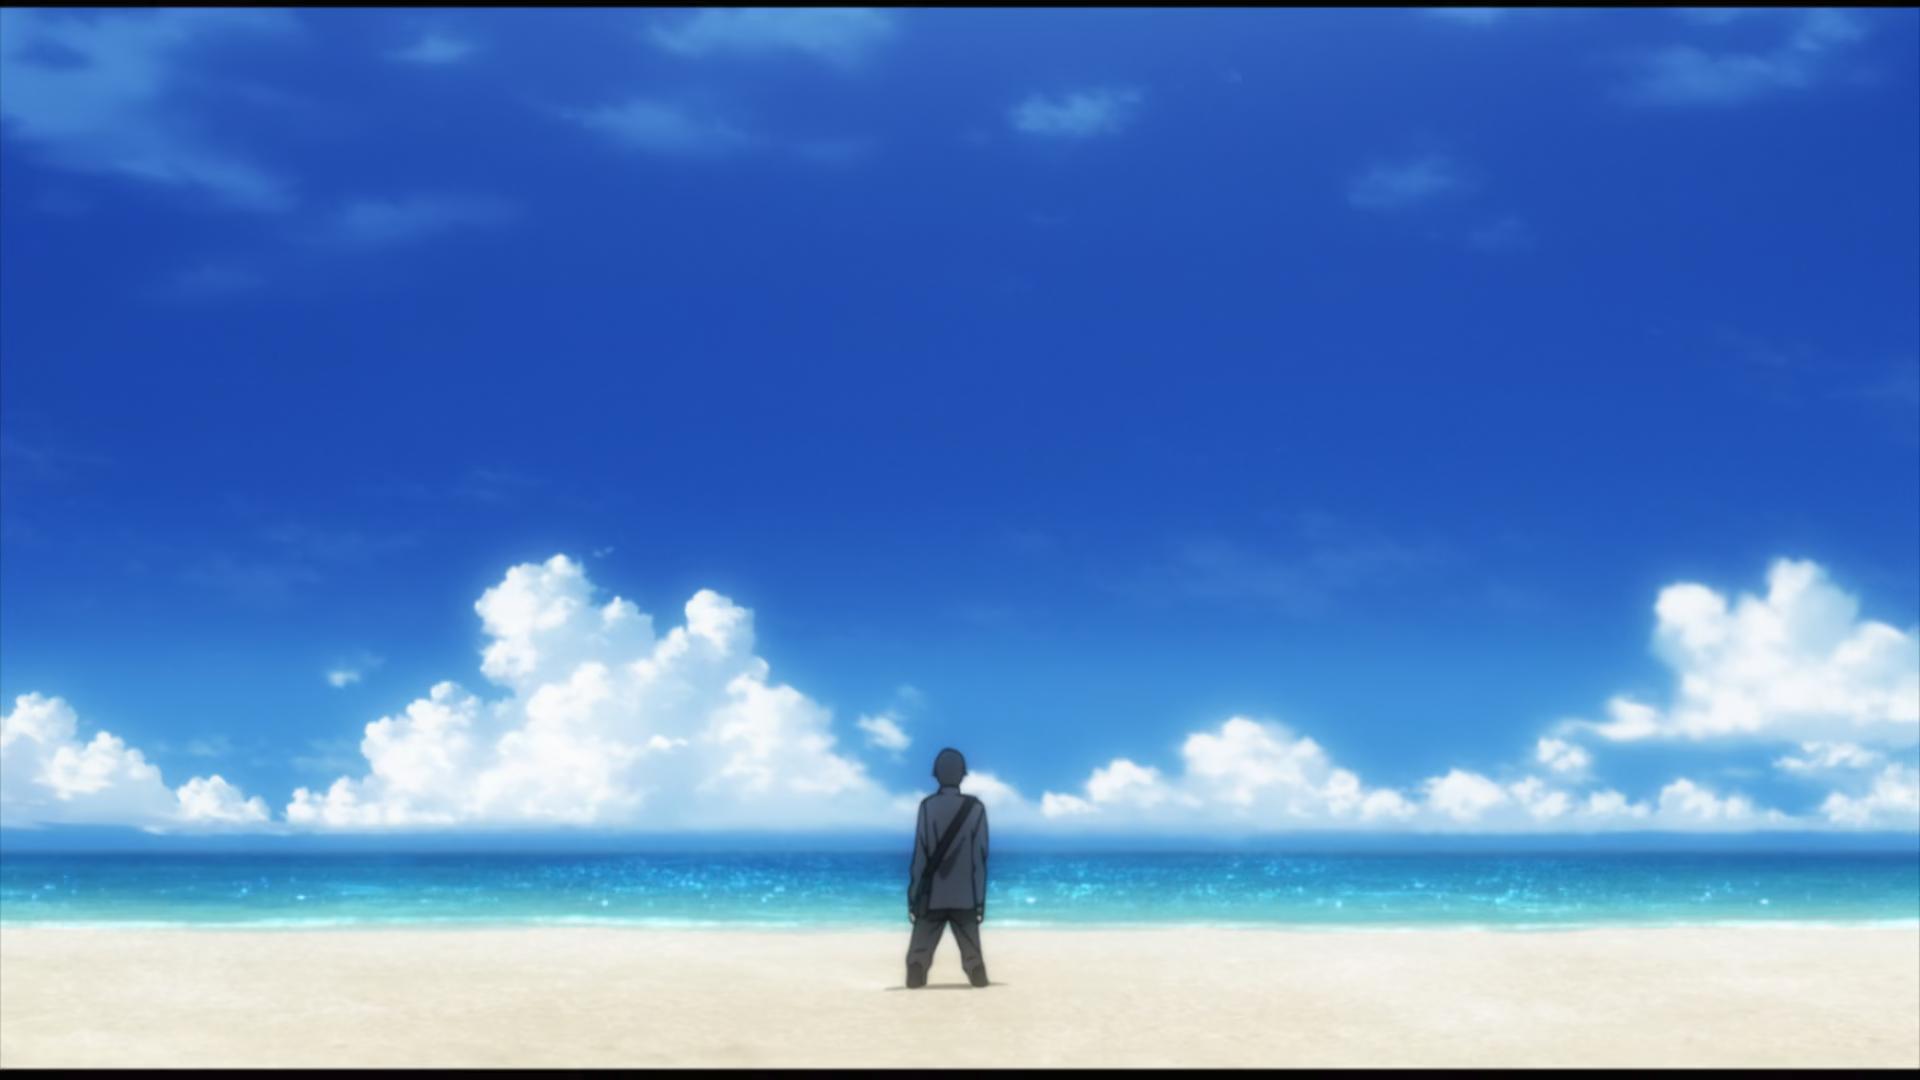 Ryota Sakamoto reaches the beach in BTOOOM!